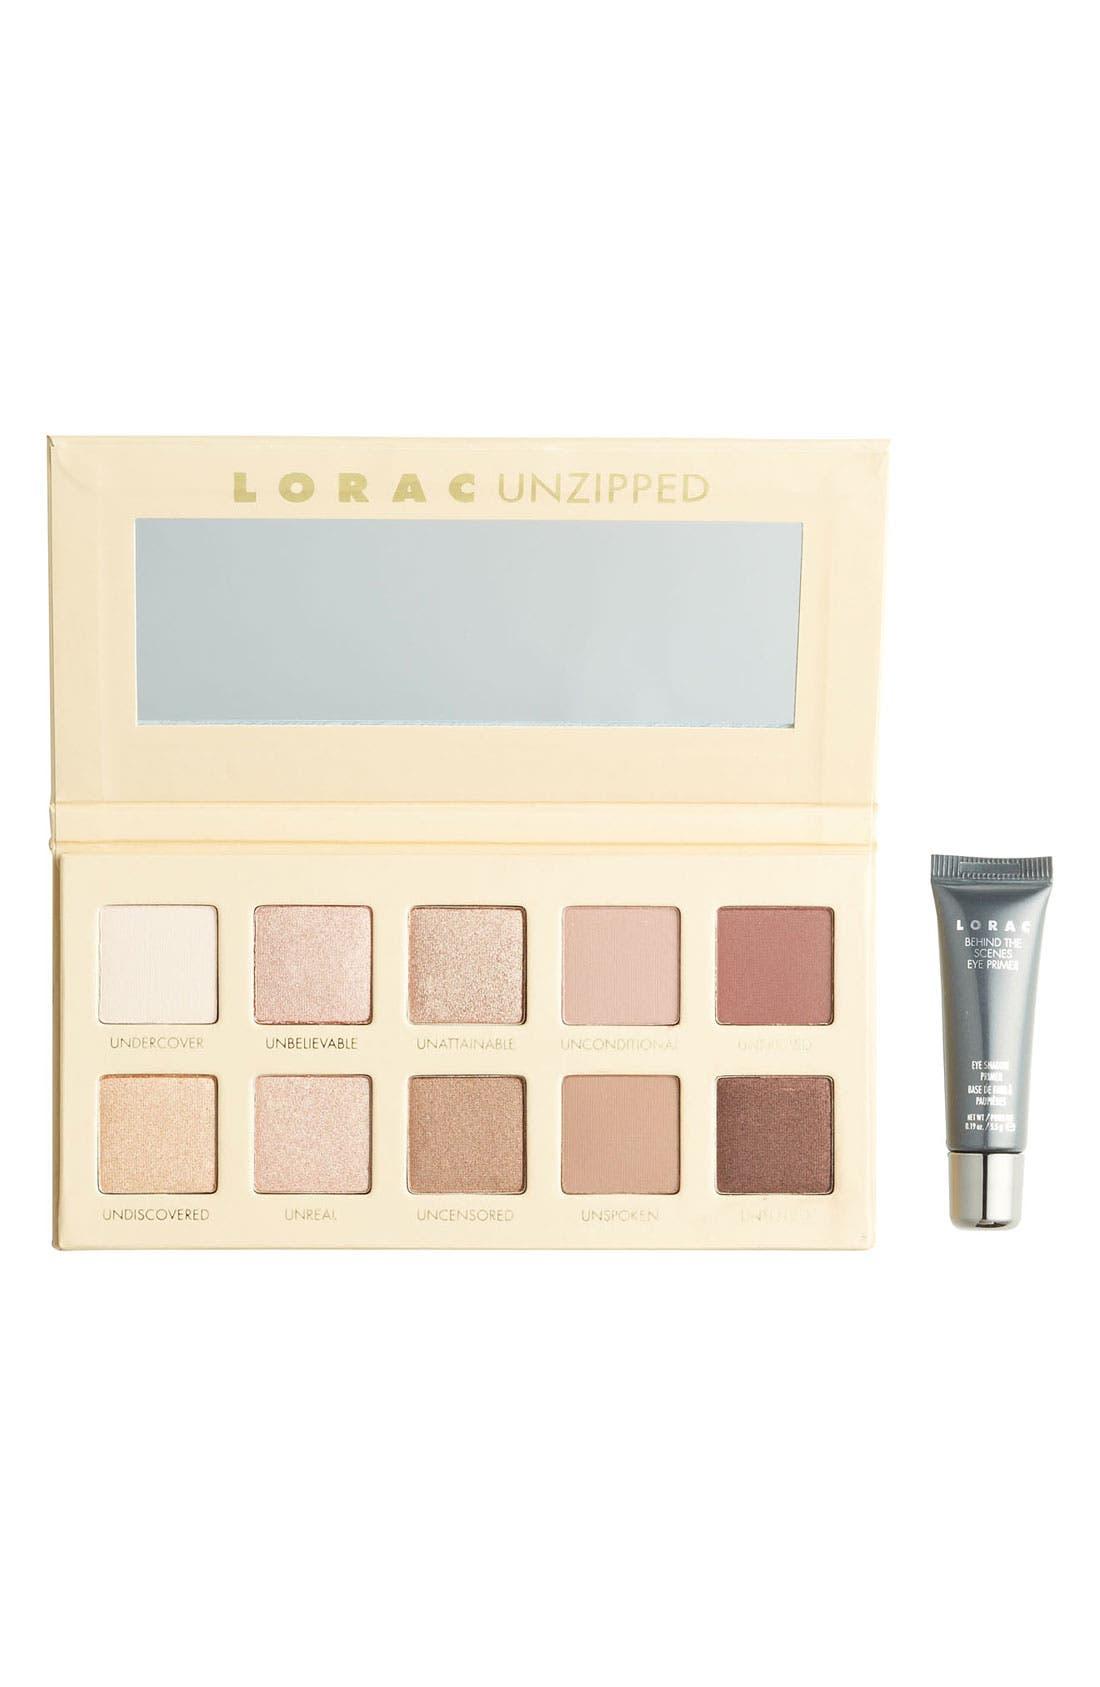 LORAC 'Unzipped' Shimmer & Matte Eyeshadow Palette ($200 Value)